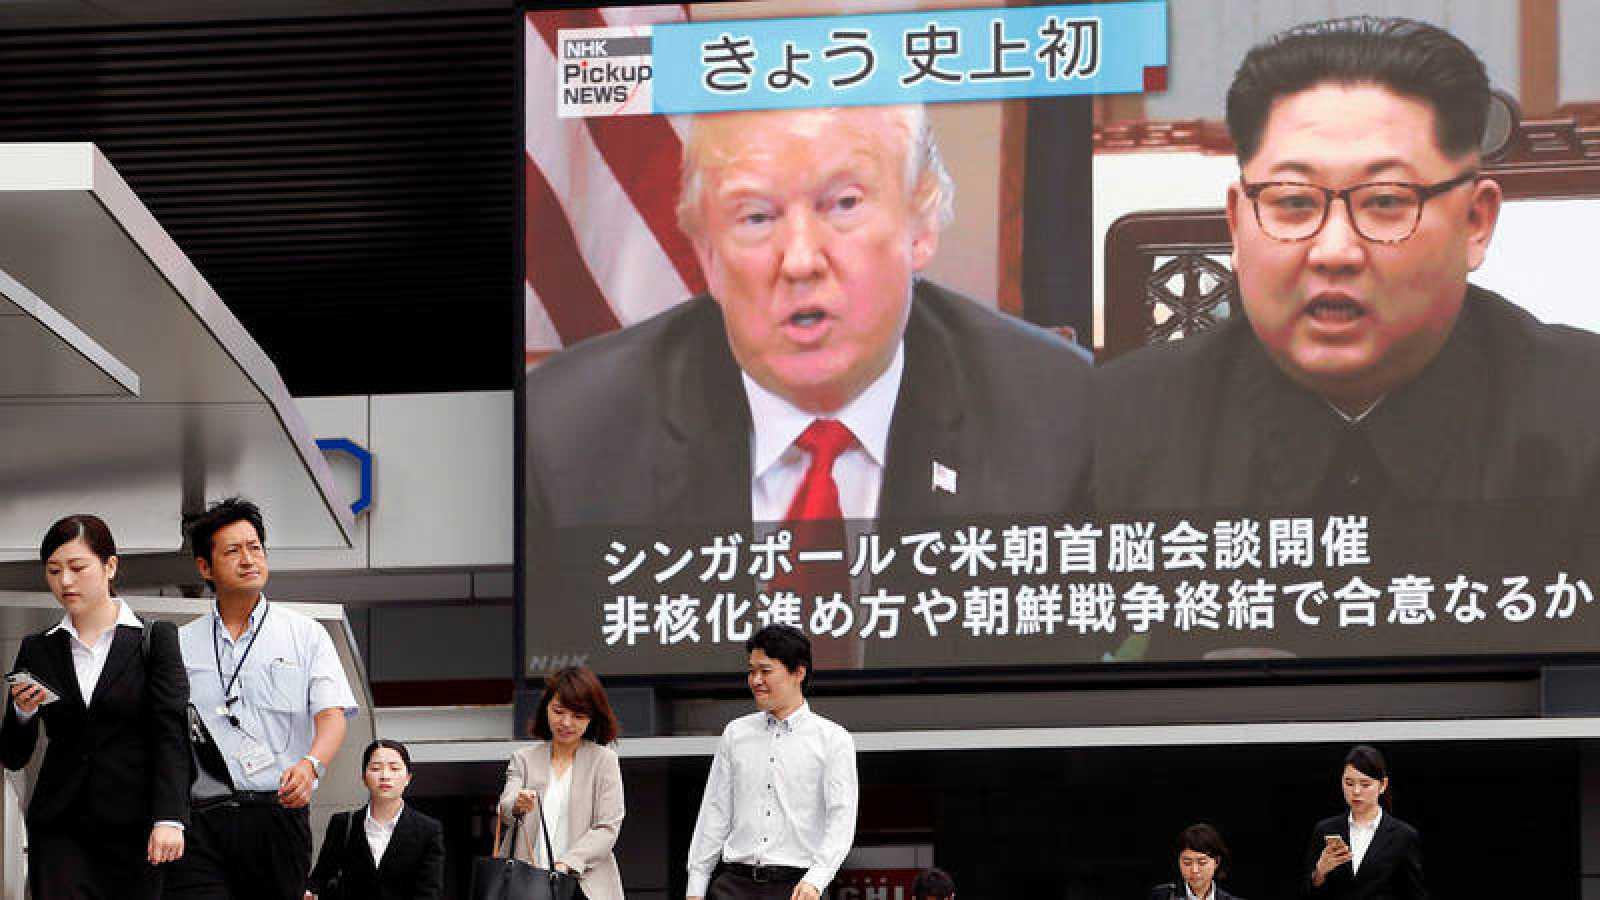 Una persona pasa frente a una gran pantalla con la transmisión de la cumbre entre el líder norcoreano, Kim Jong-un y el presidente estadounidense, Donald J. Trump